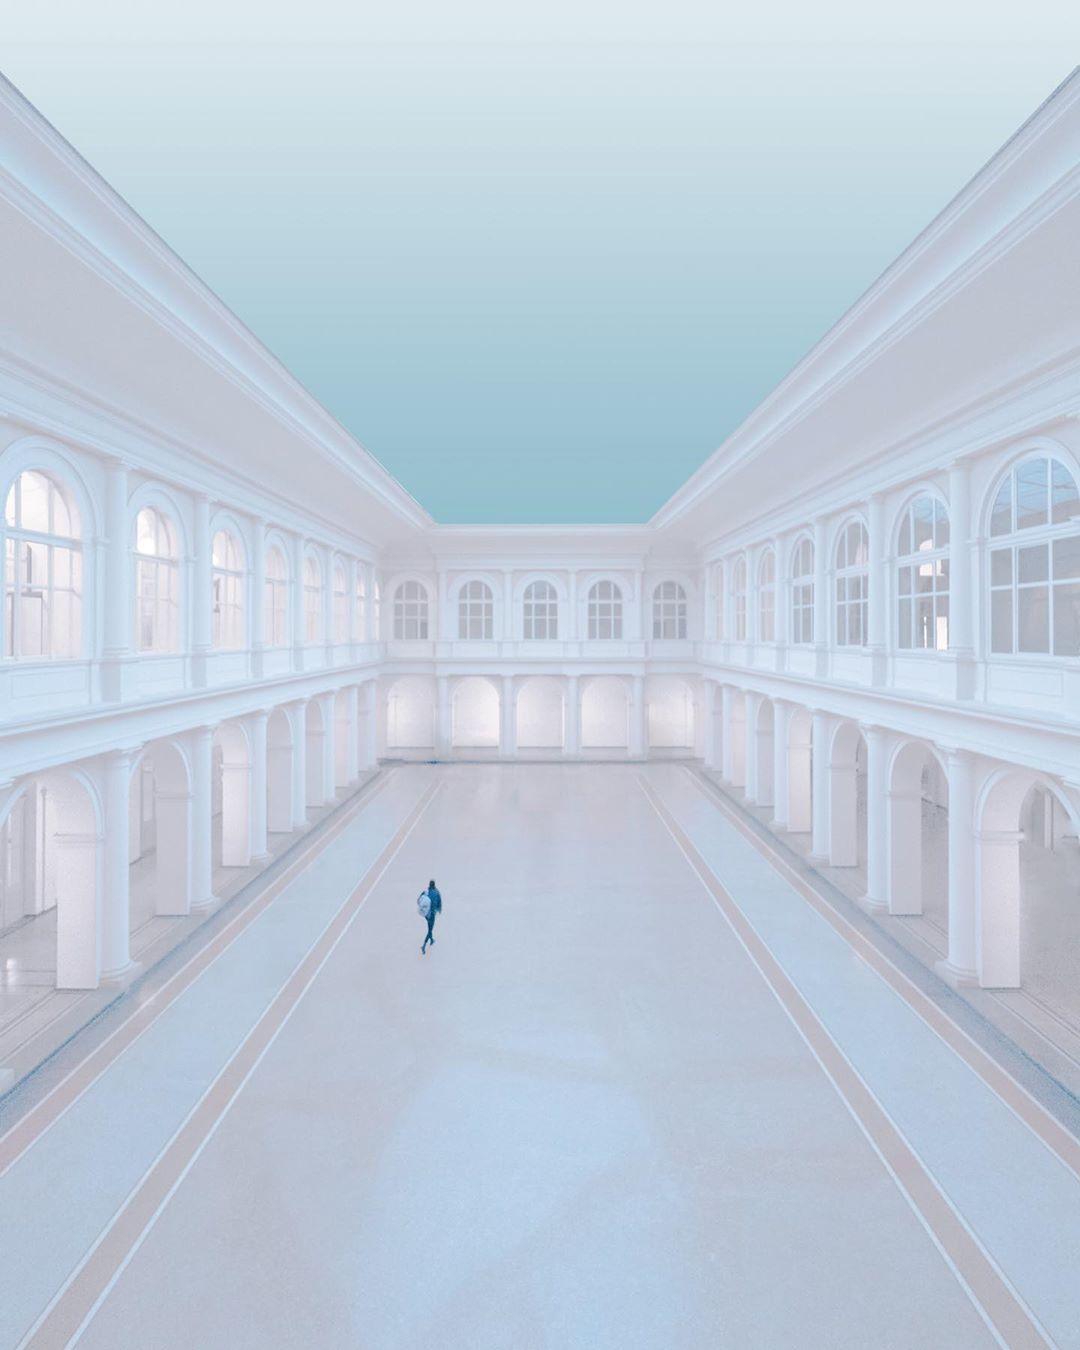 Минималистичные архитектурные снимки от Маттиаса Фрейслера